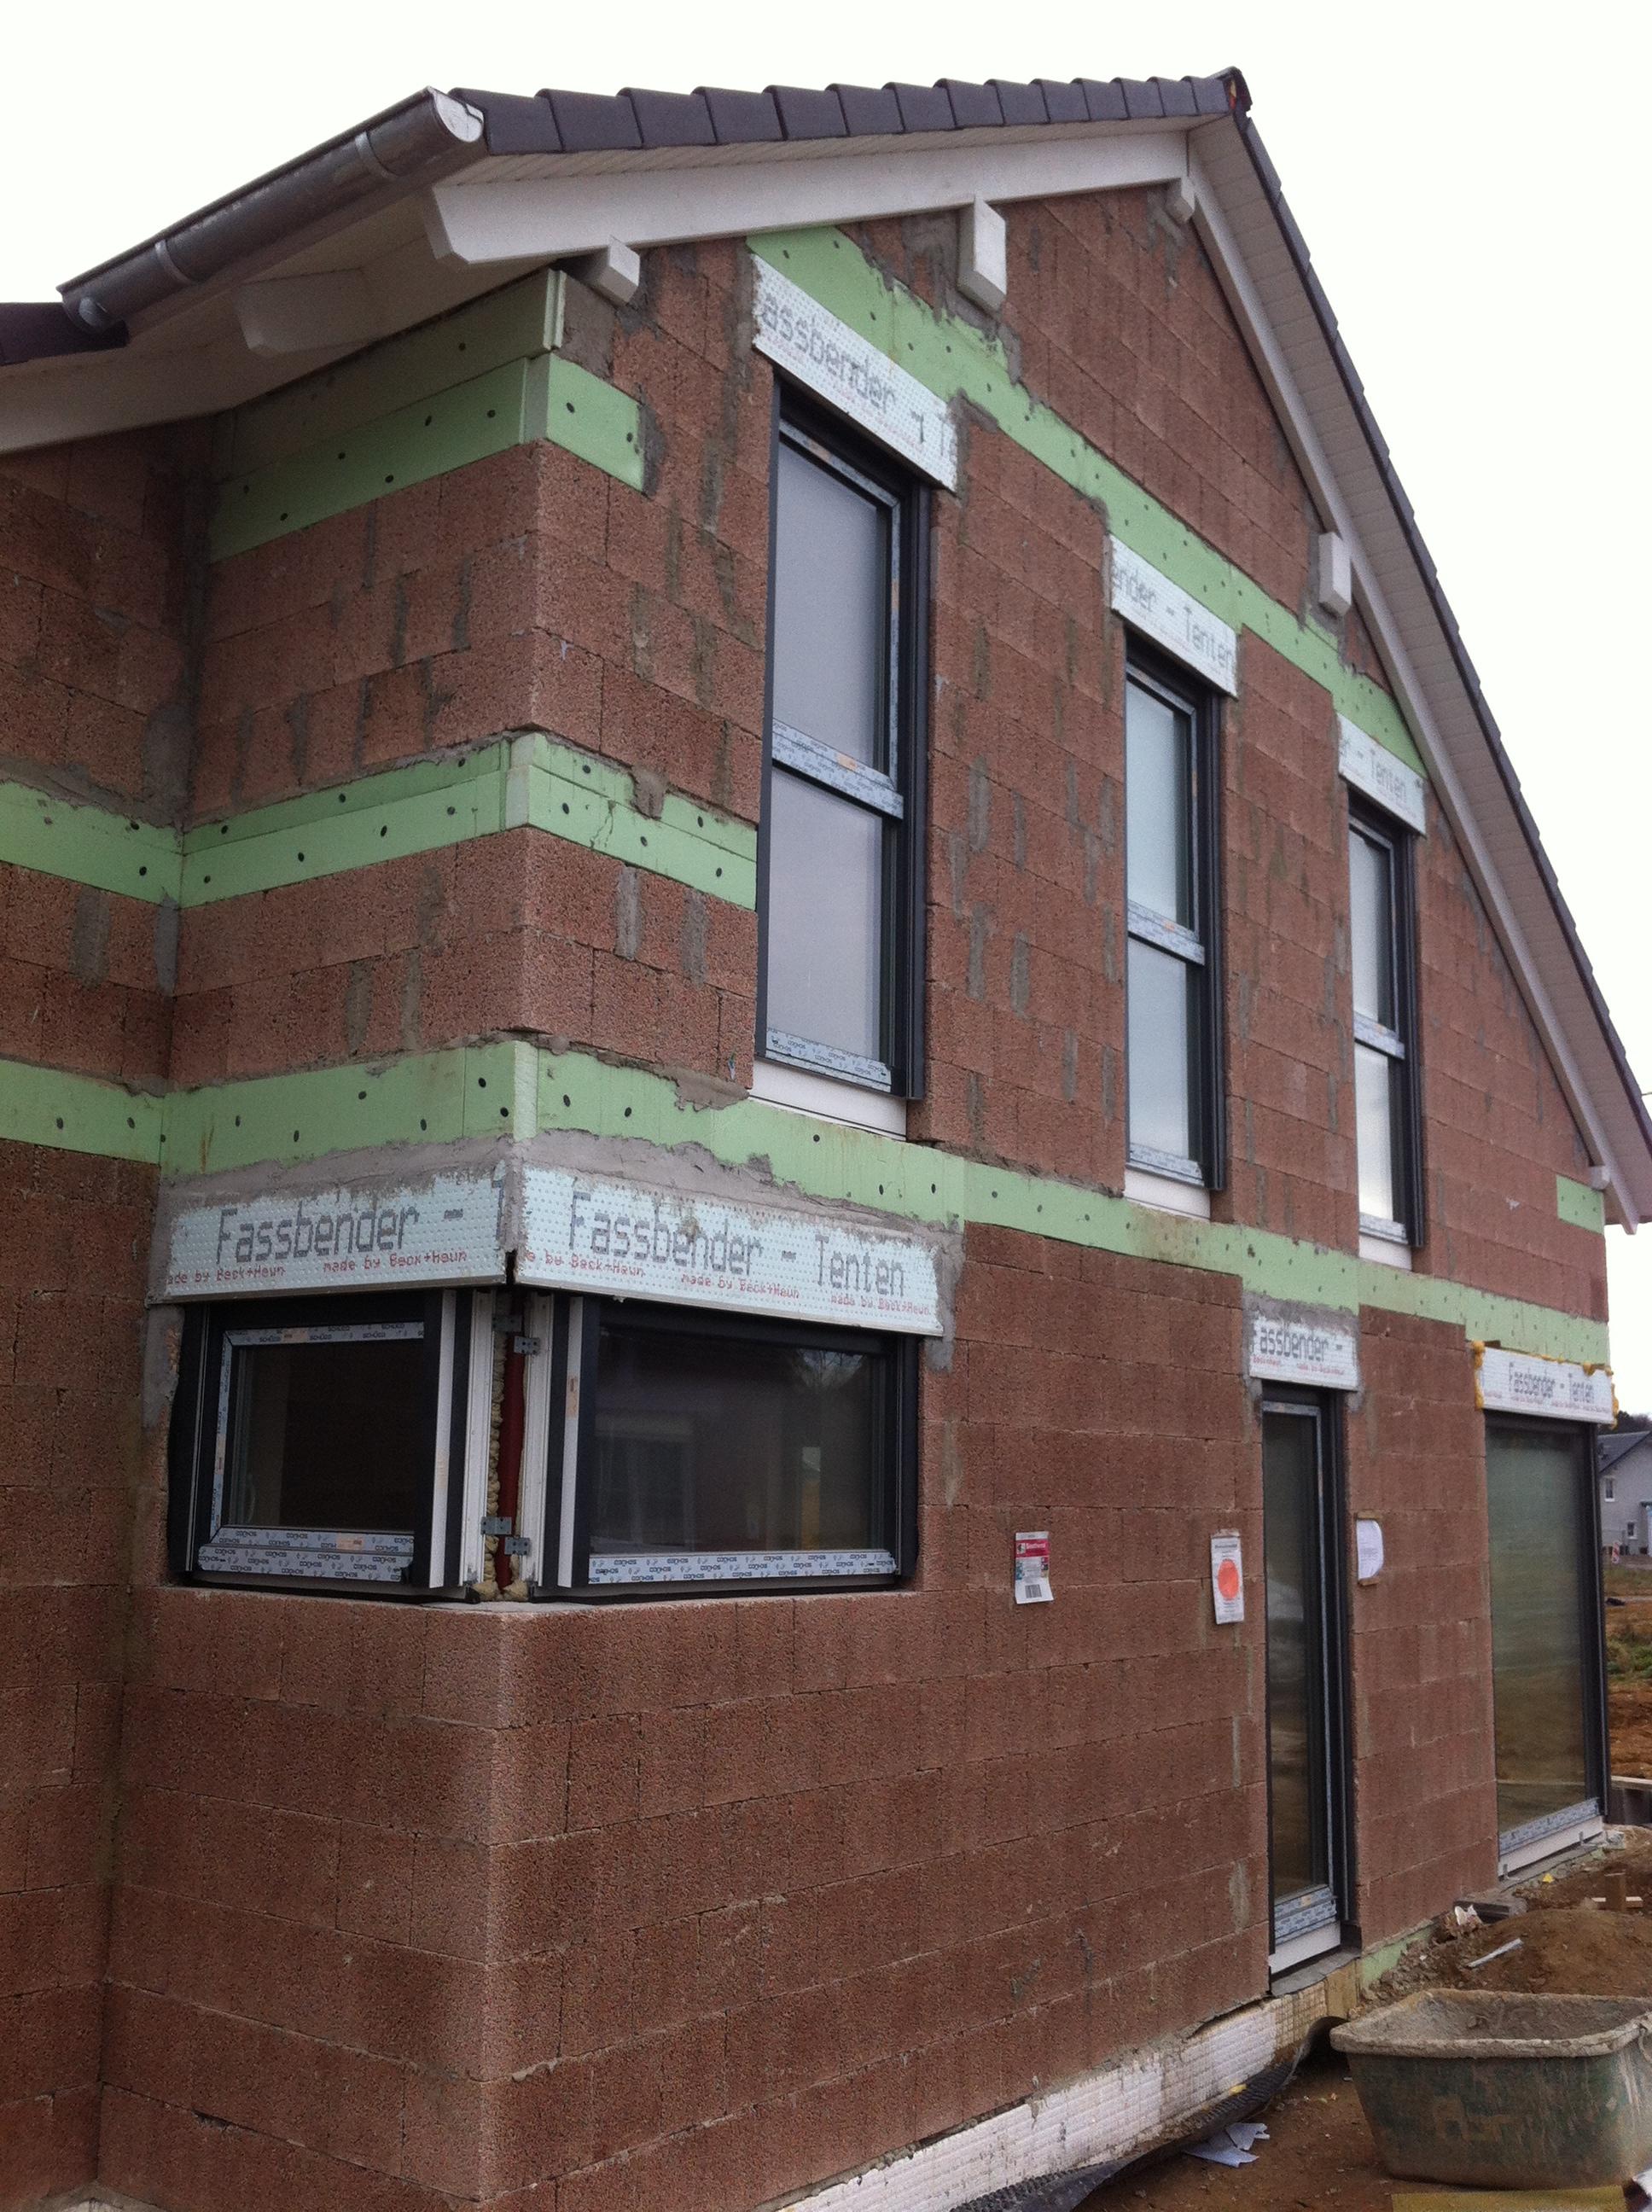 Einfamilienhaus Mettmann Gerüst Fassadenarbeiten Putz und Maler